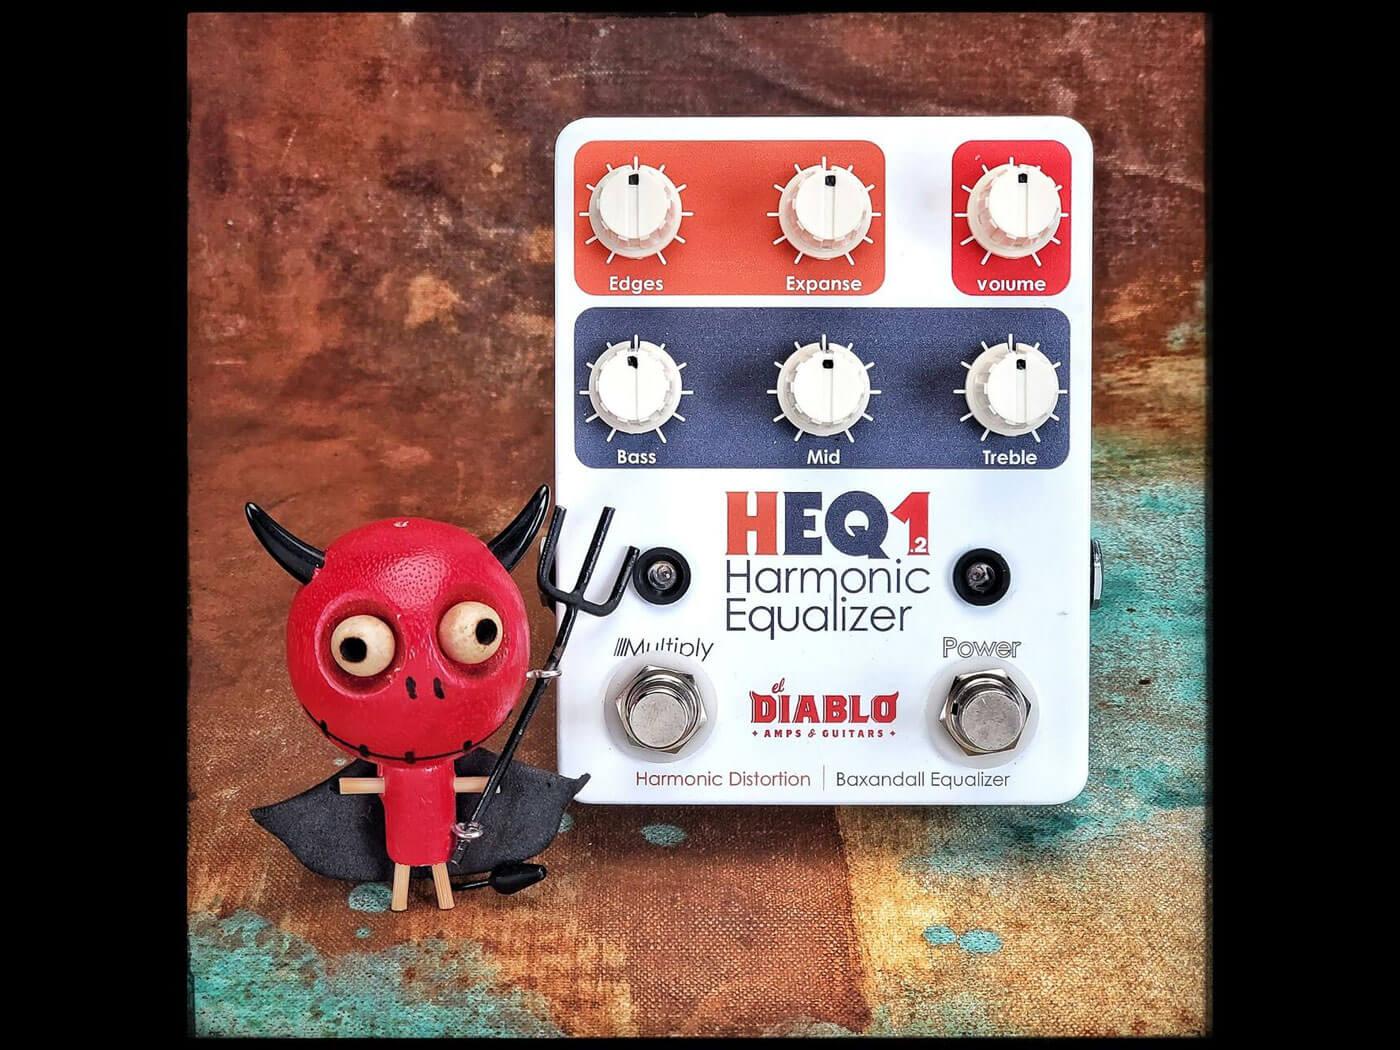 El Diablo HEQ1.2